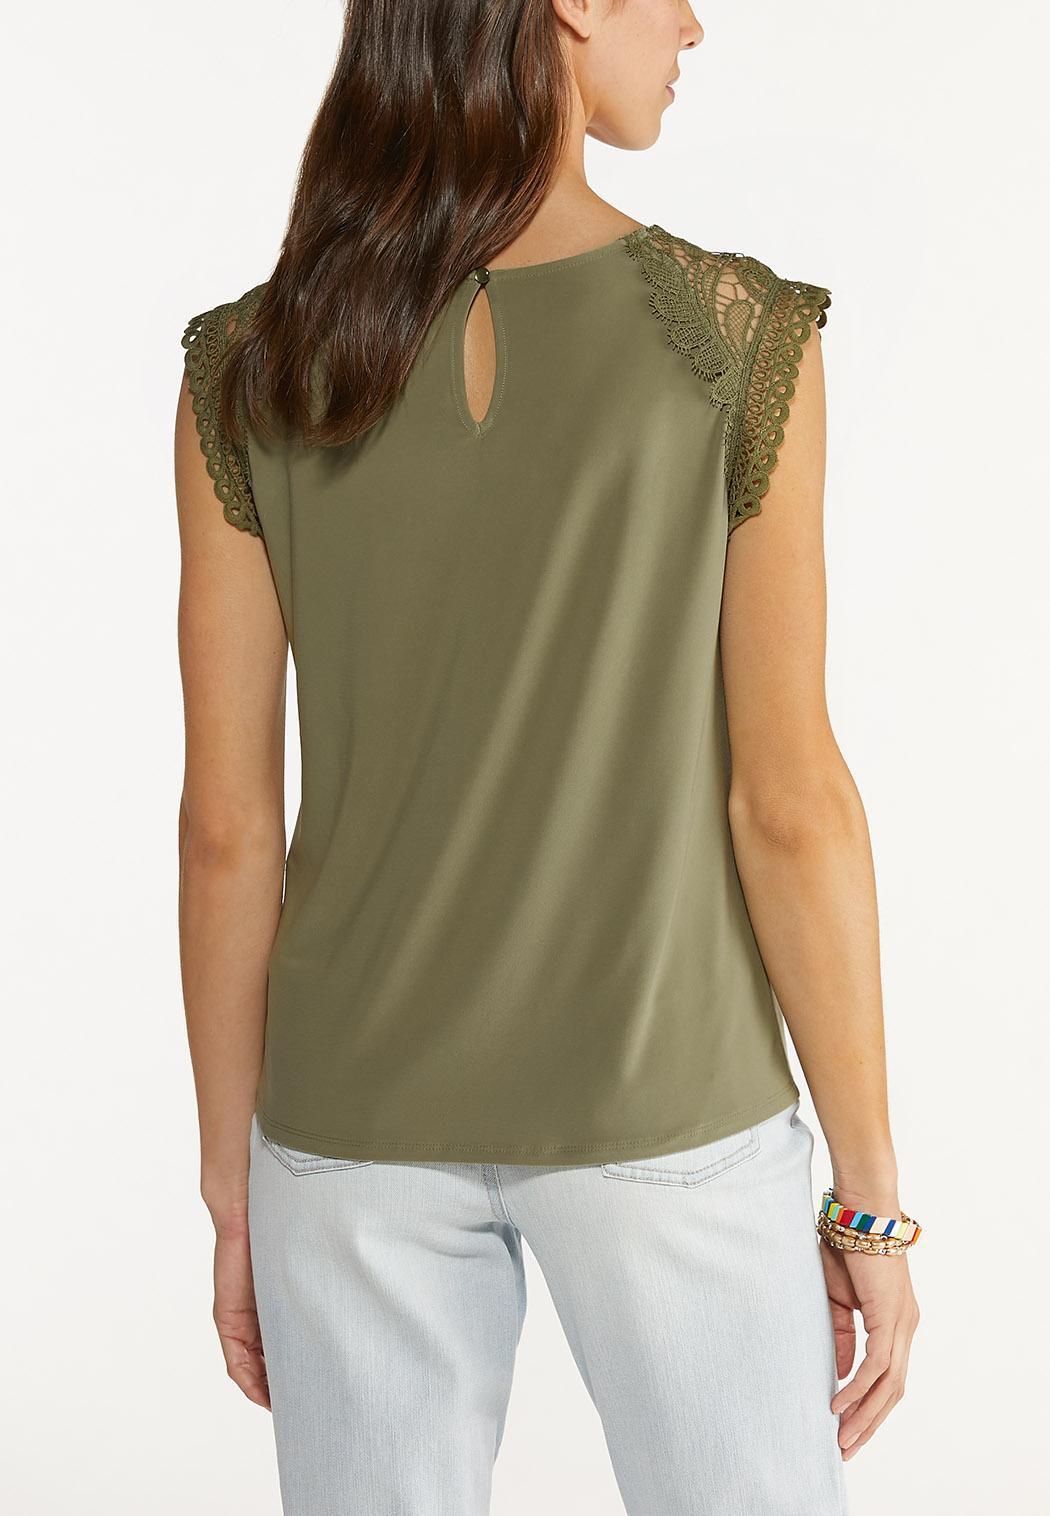 Olive Lace Shoulder Top (Item #44607576)